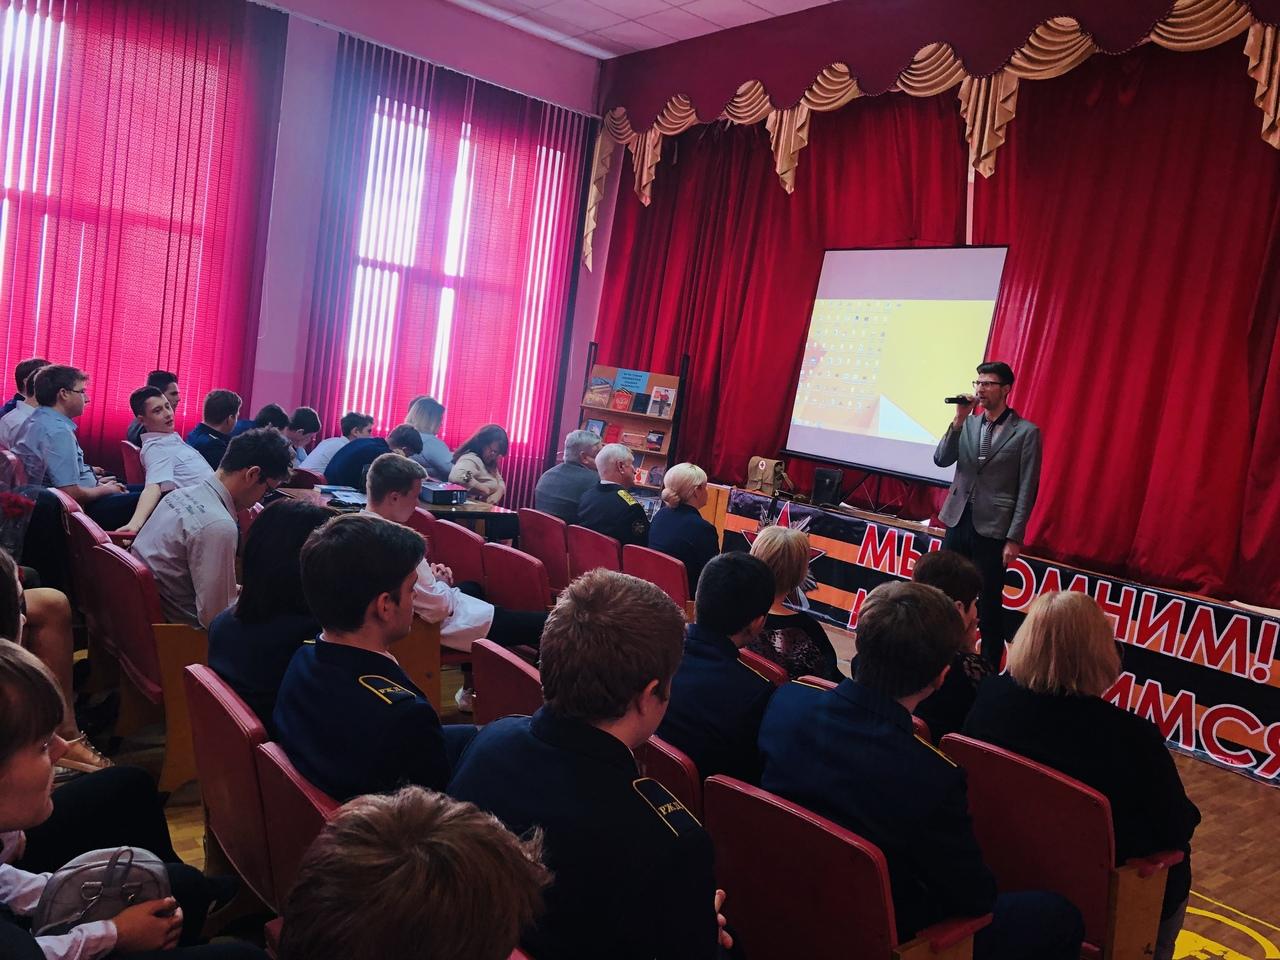 1 и 2 февраля в Средних специальных учебных заведениях города Новороссийск прошли телеуроки «Одно слово Сталинград»